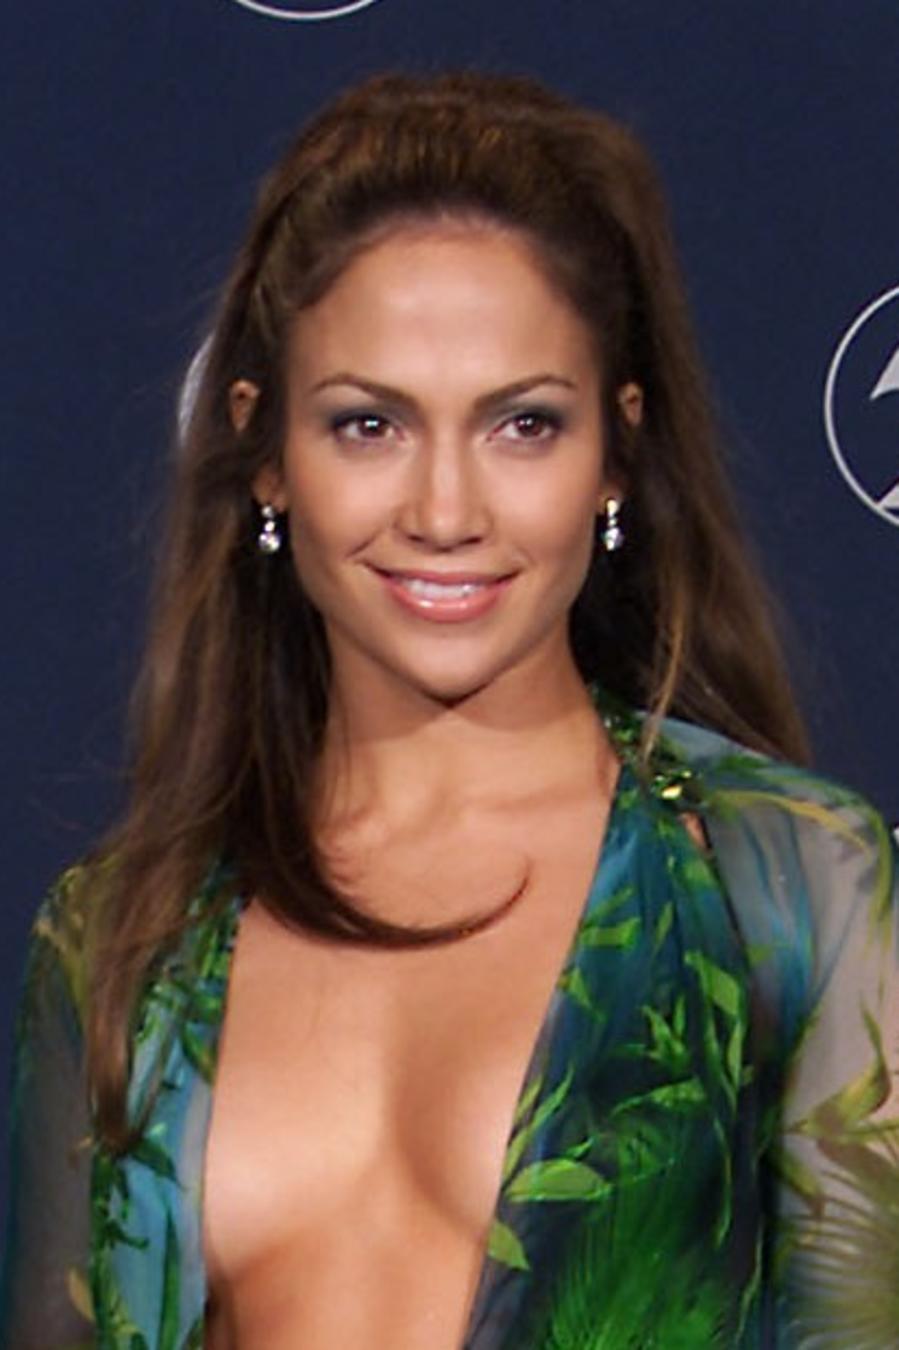 Jennifer Lopez wearing green versace dress